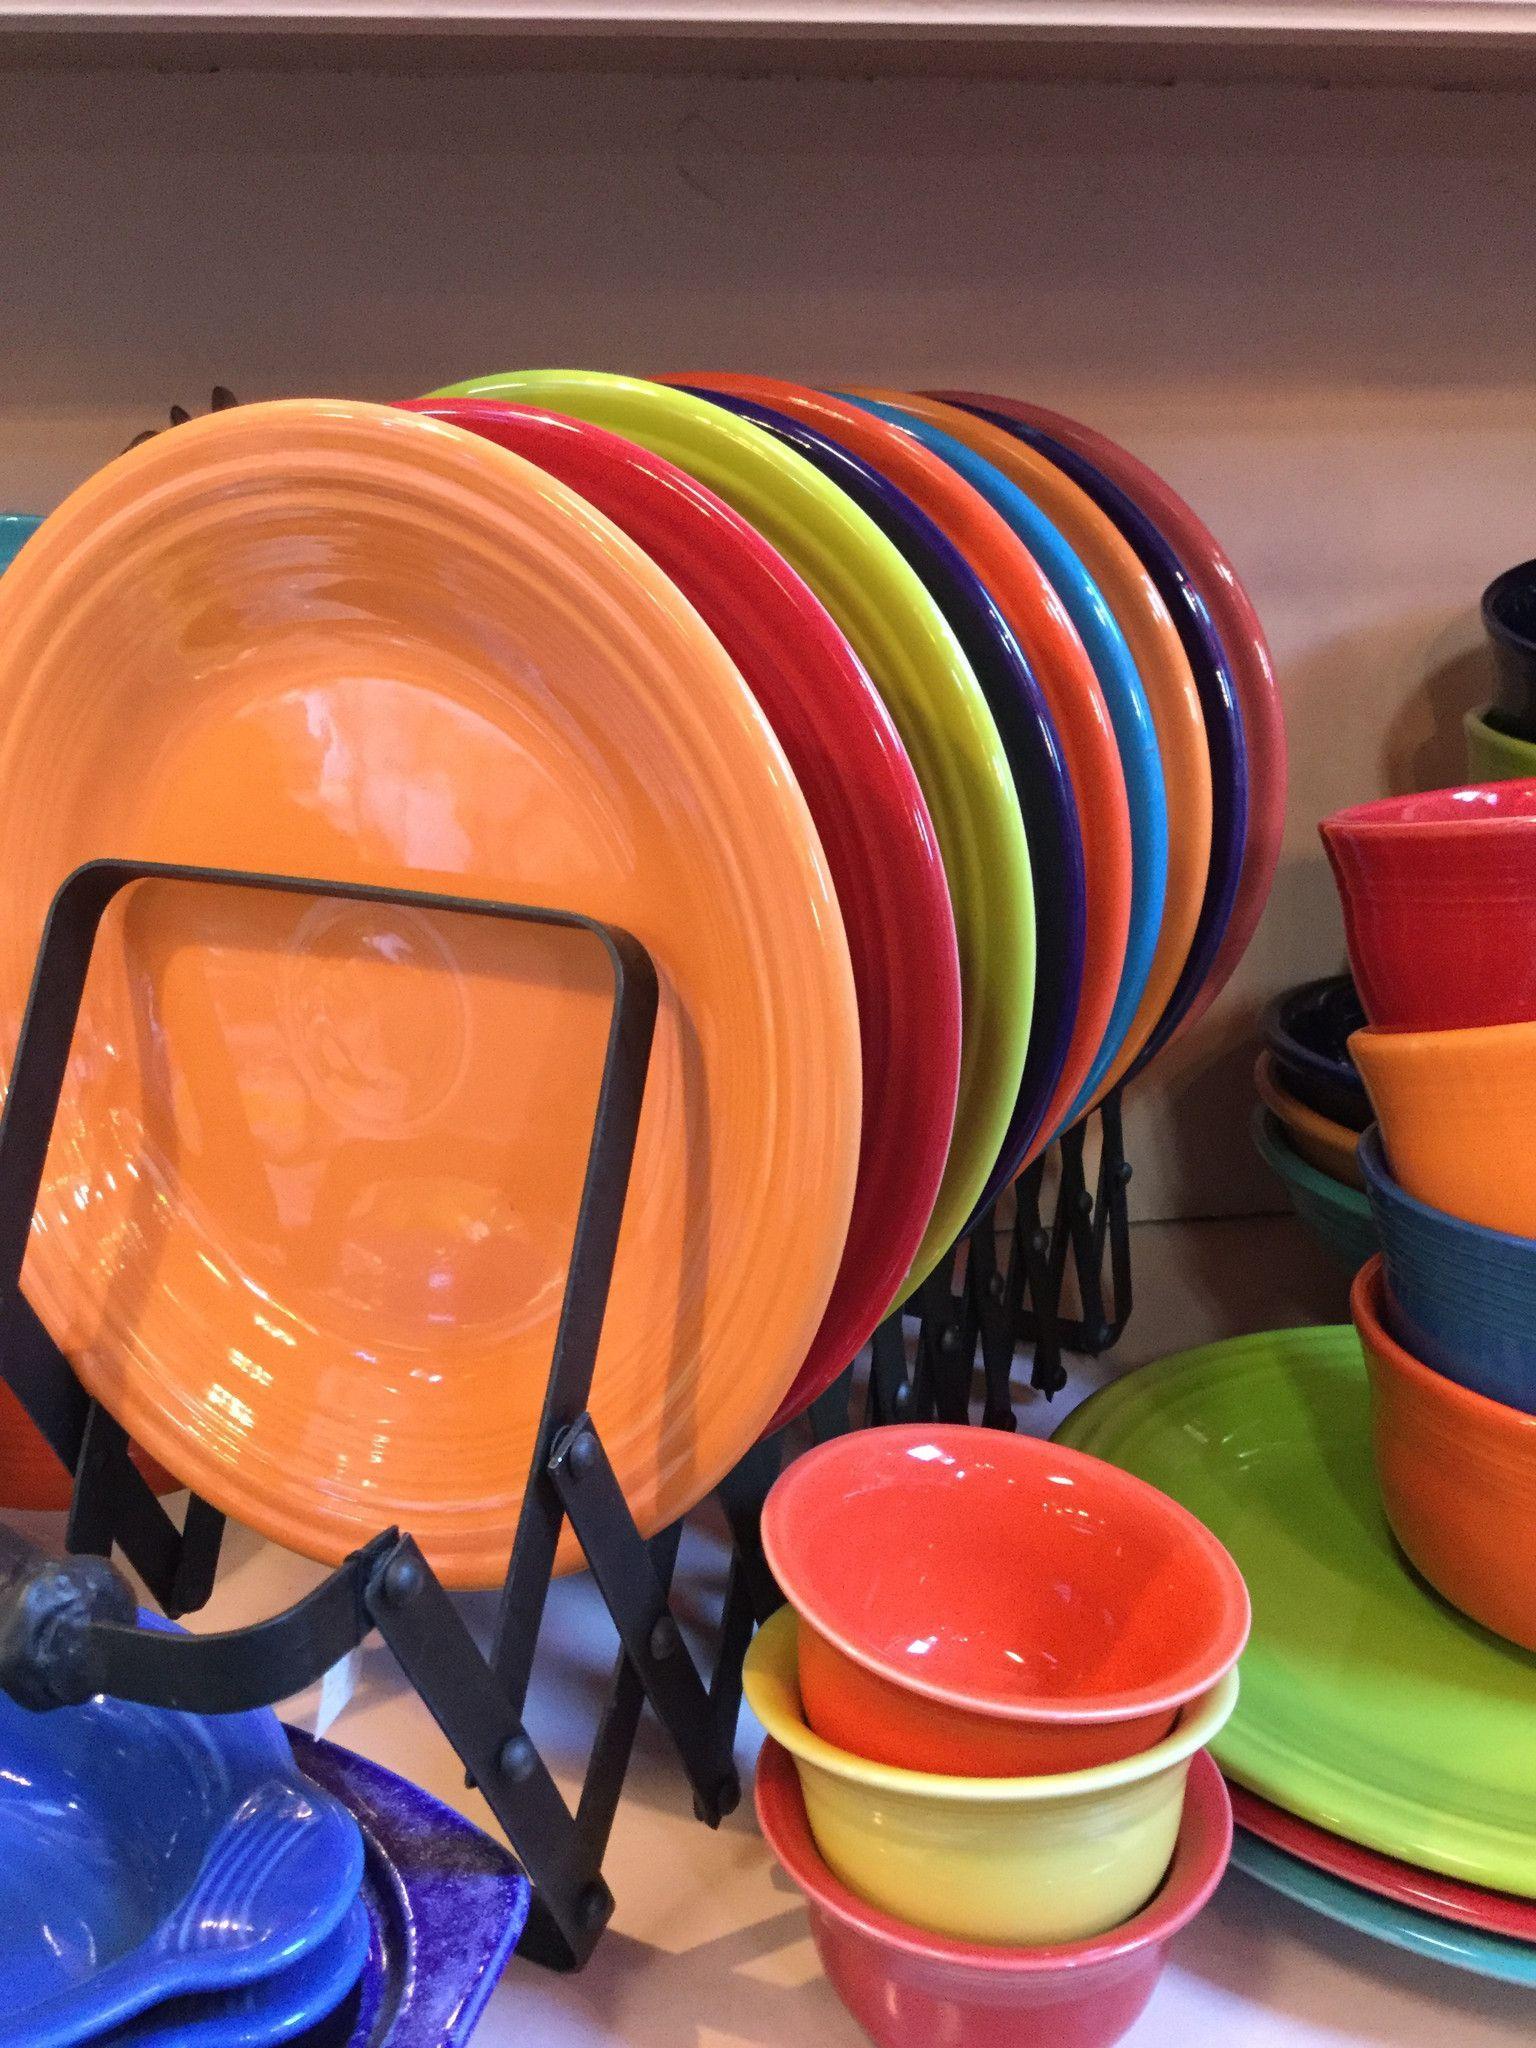 Fiesta Dinner Plate & Fiesta Dinner Plate | Fiestas Fiesta ware and Ware F.C.